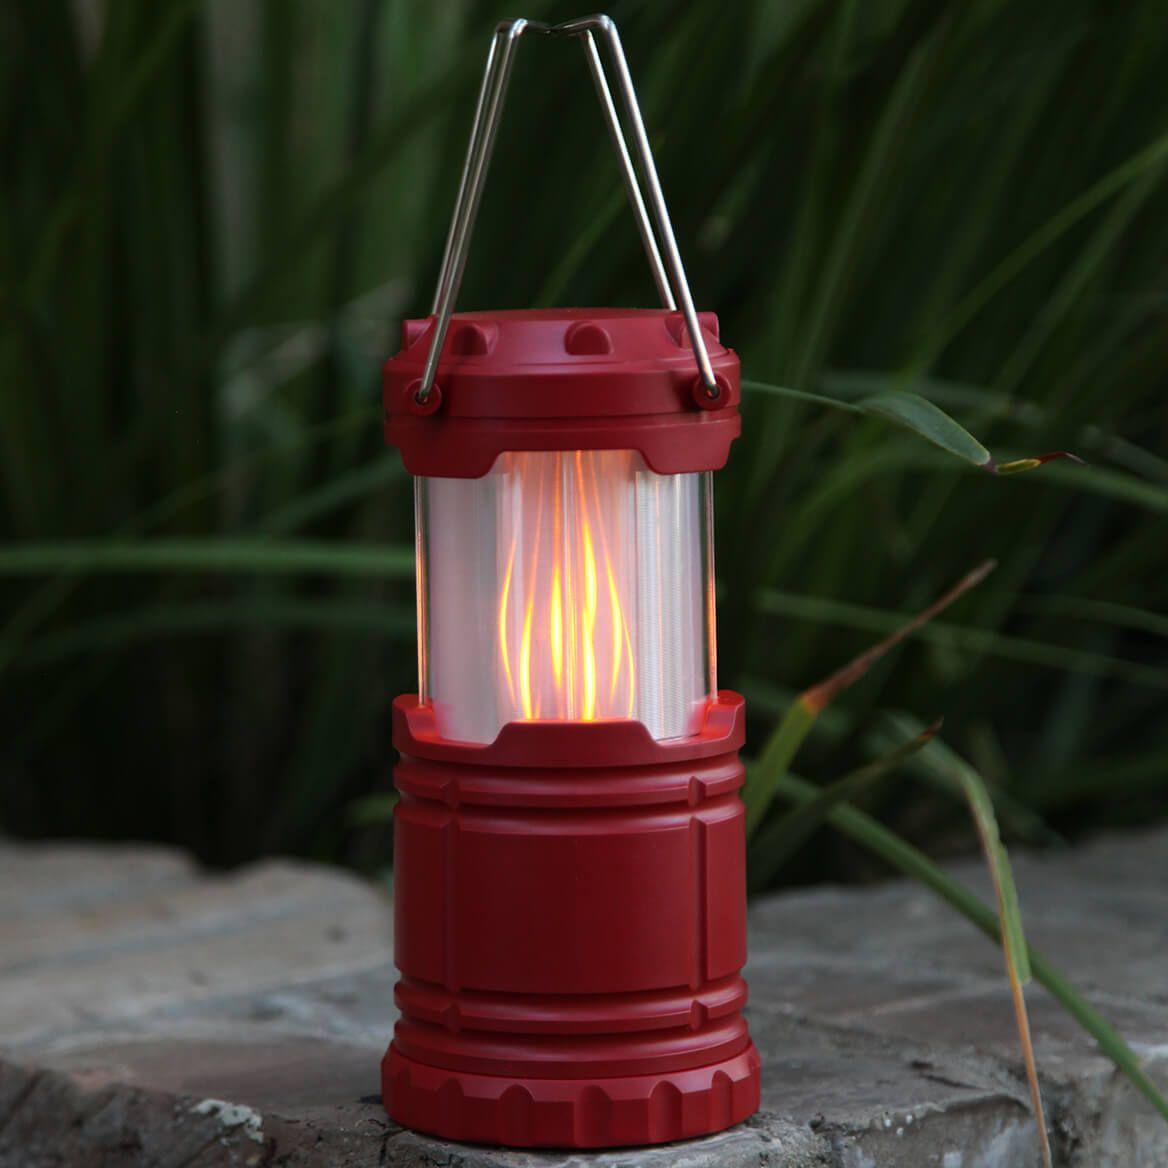 Flaming Pop Up Lantern-369743